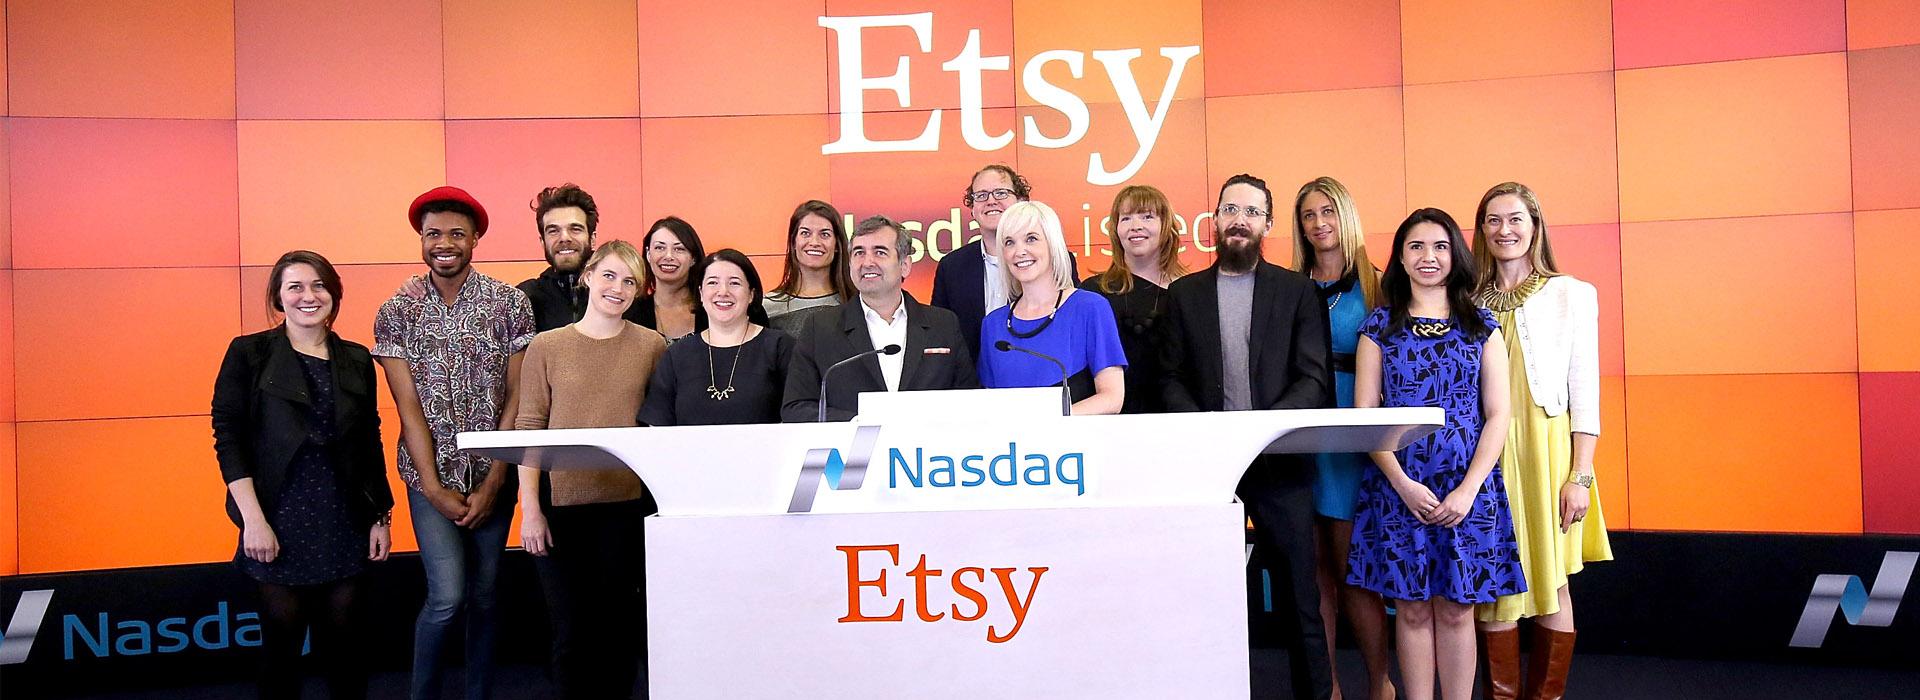 挑戰eBay,藝術家實踐上市夢—手工藝品網站Etsy  推動創客的搖藍